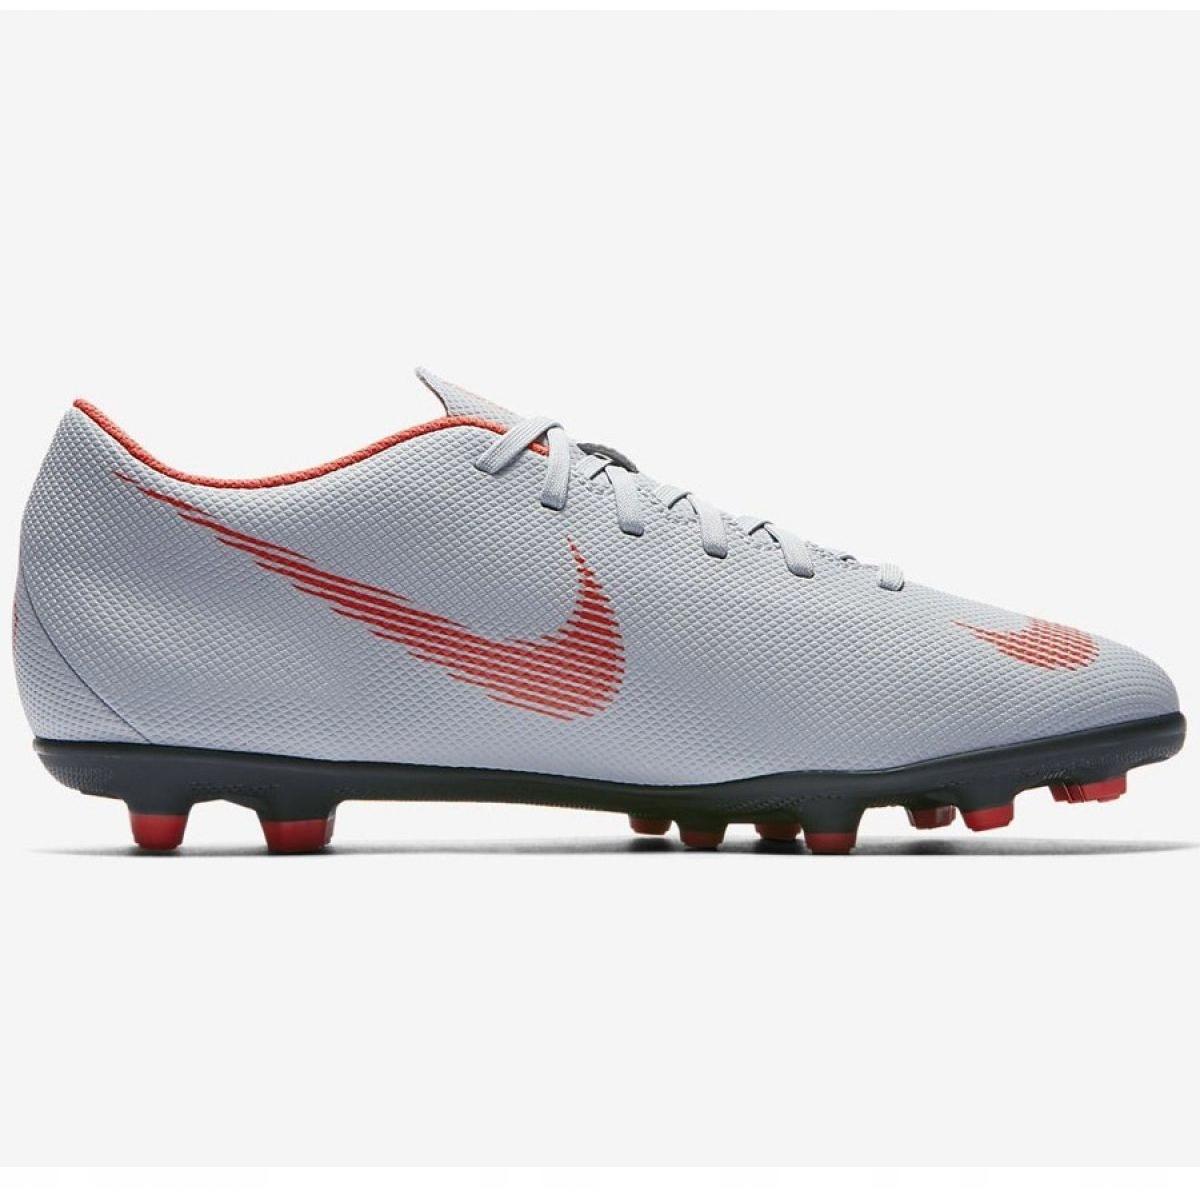 Sapatilhas Nike Mercurial Vapor 12 Club M AH7378 060 cinza prata cinza